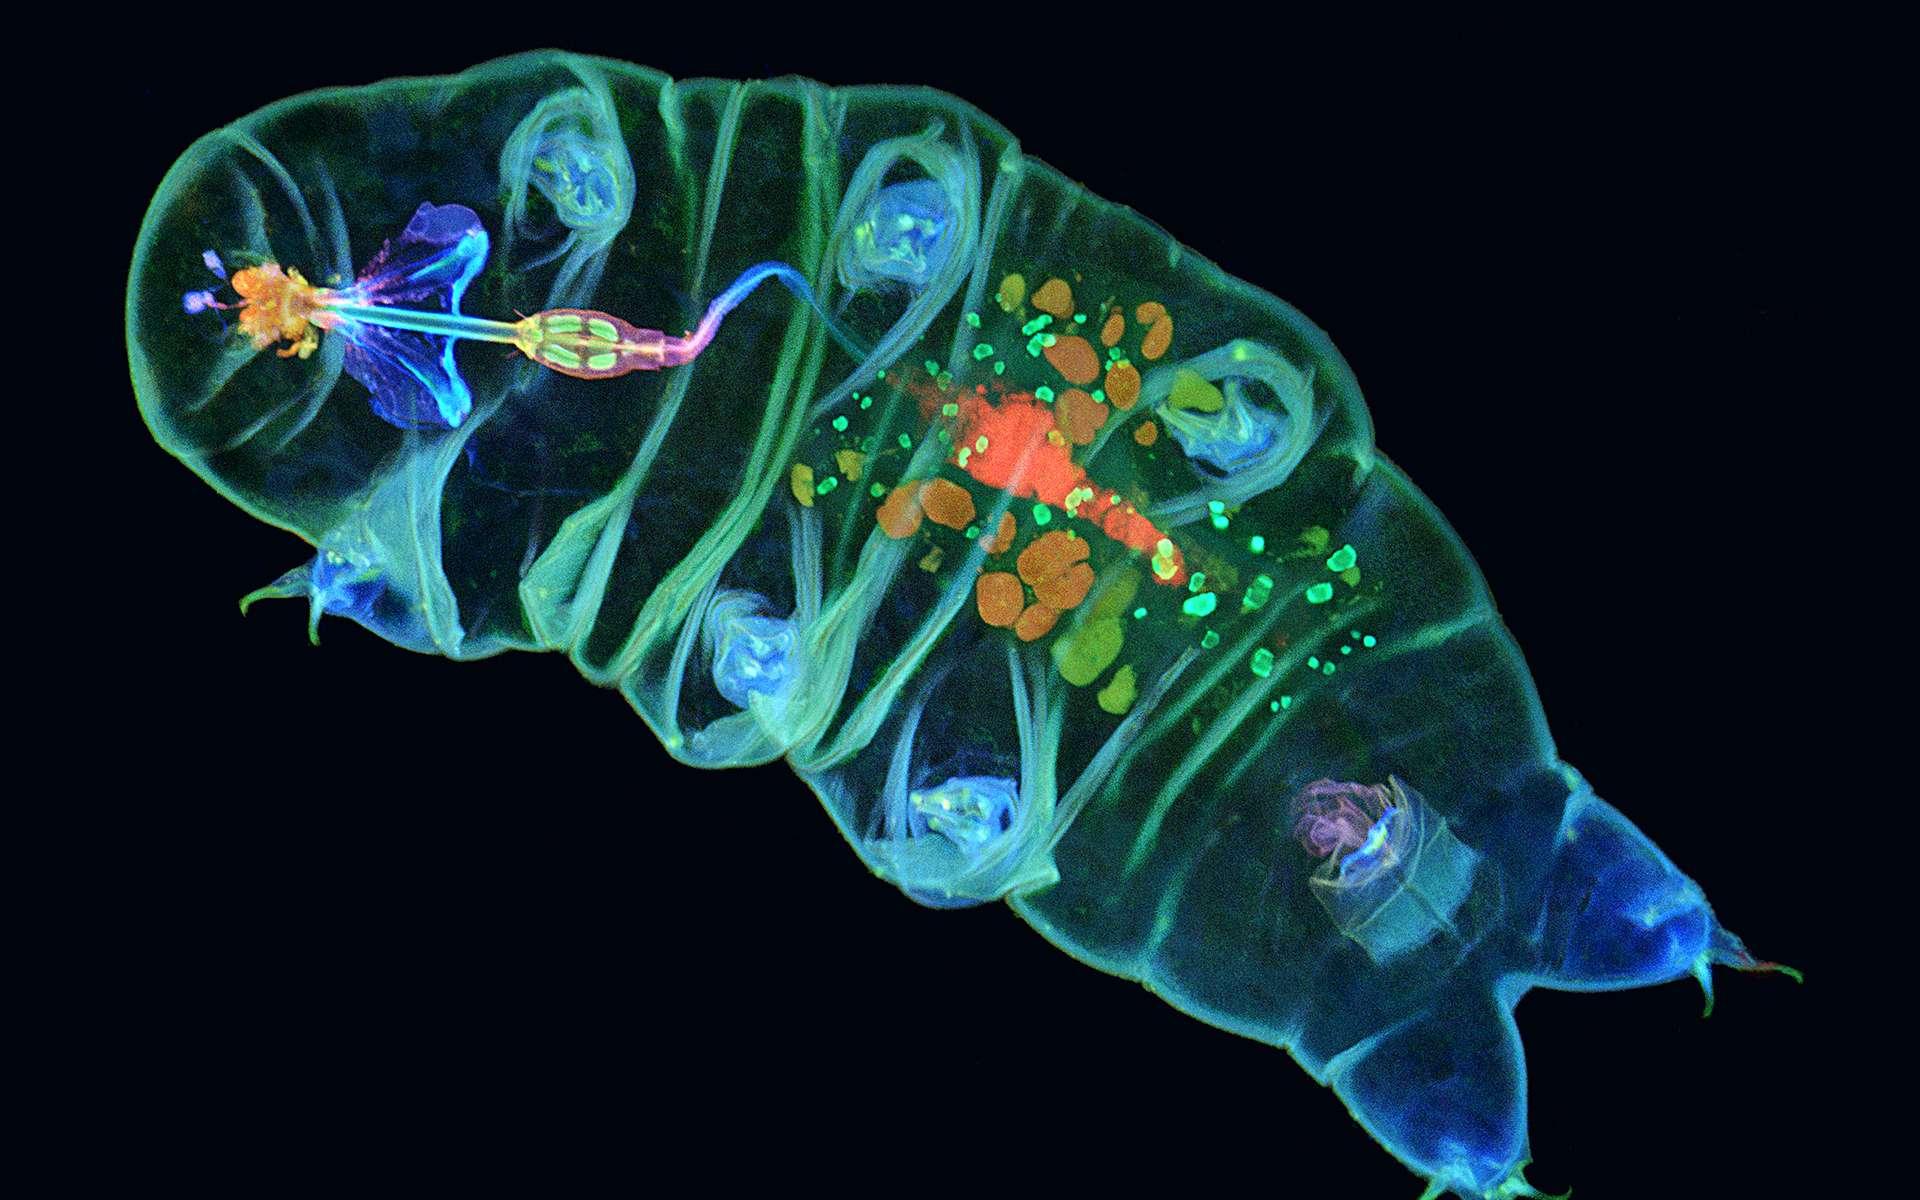 Les plus belles photos scientifiques sous l'objectif du microscope. © Ainara Pintor, Tagide deCarvalho, Olympus